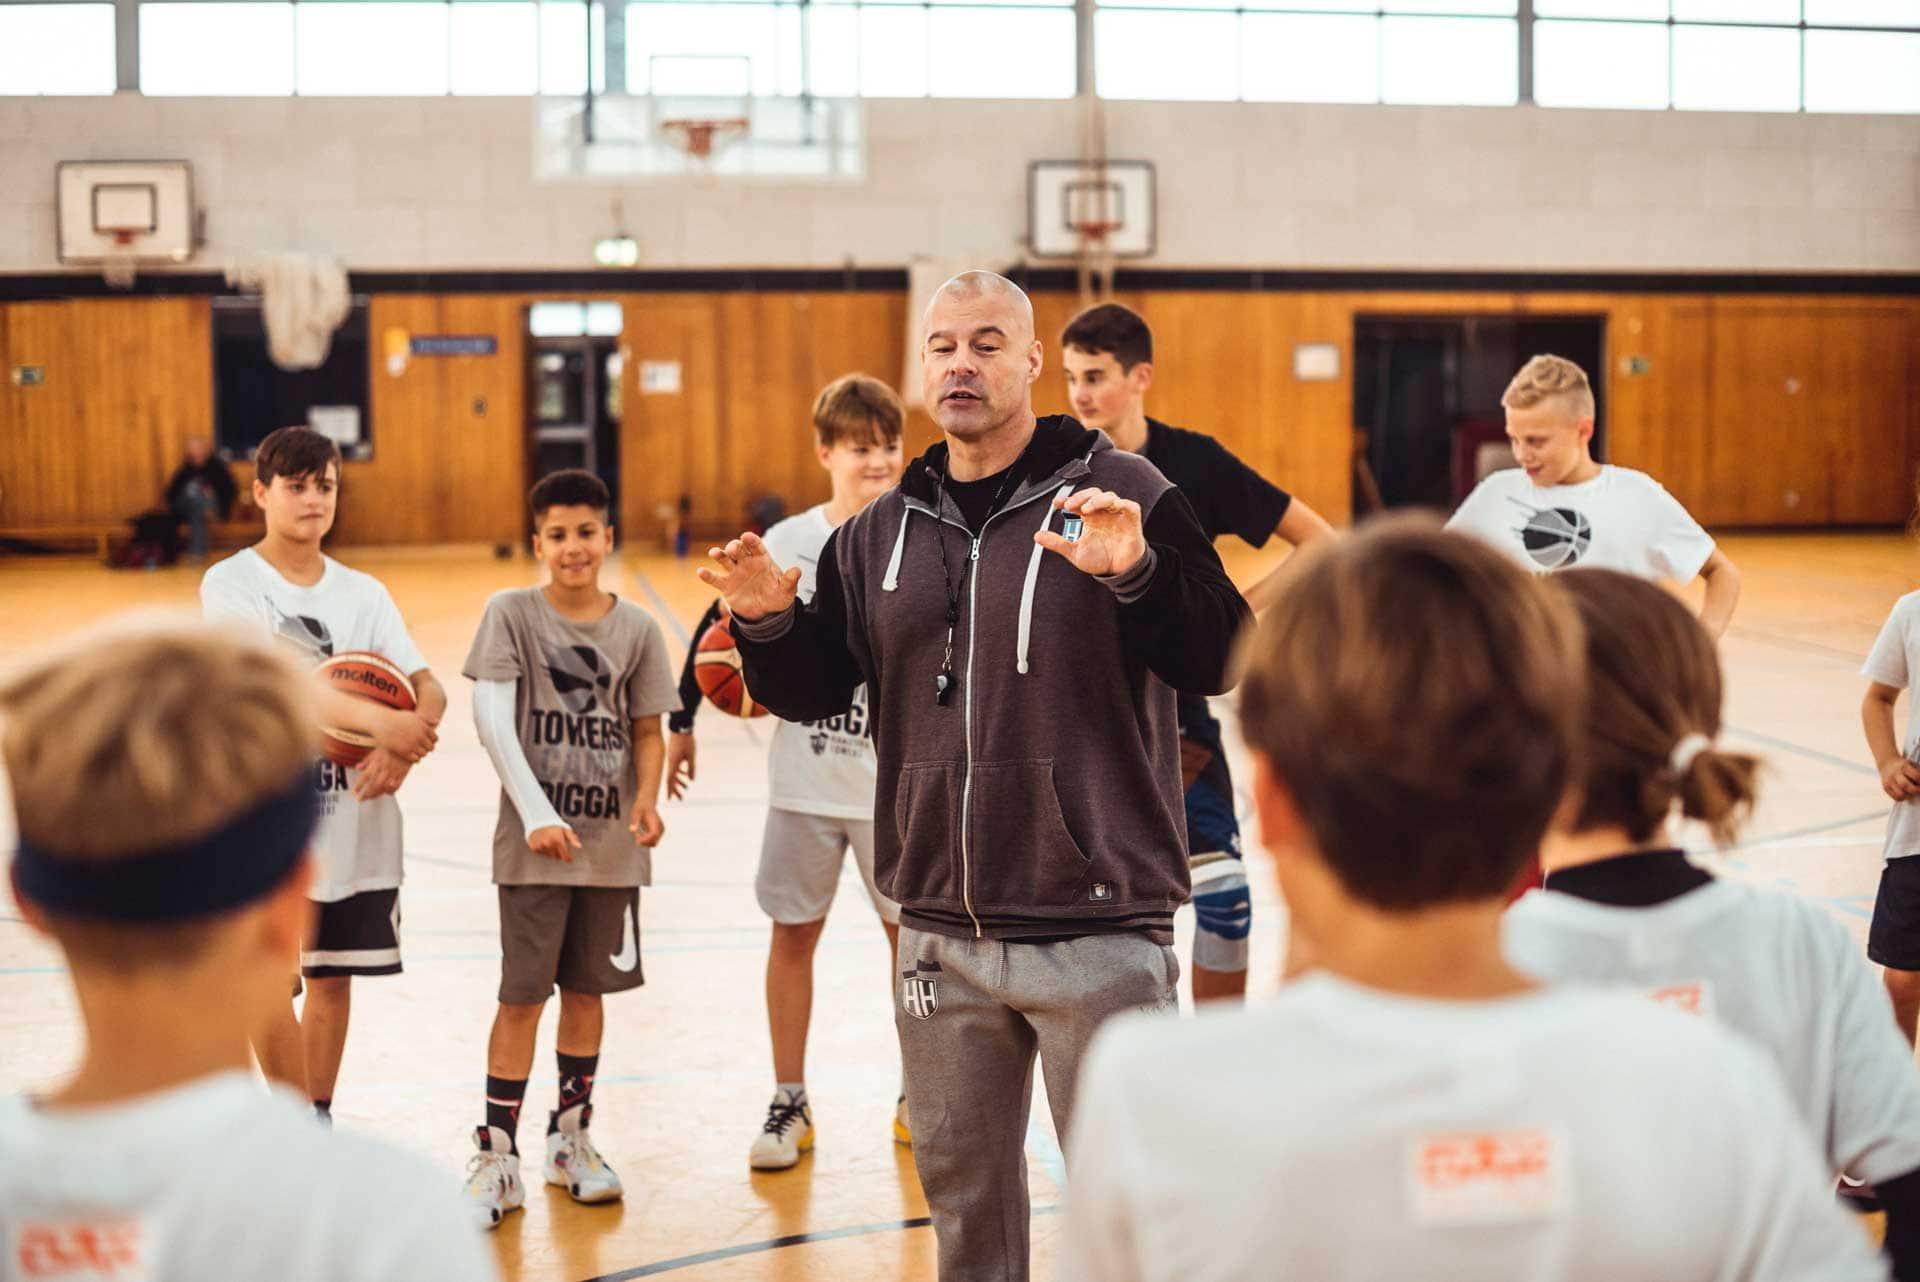 Towers Camp 2019 Okt ©ts b85 web besser 1 - Wie Basketball Menschen vereint